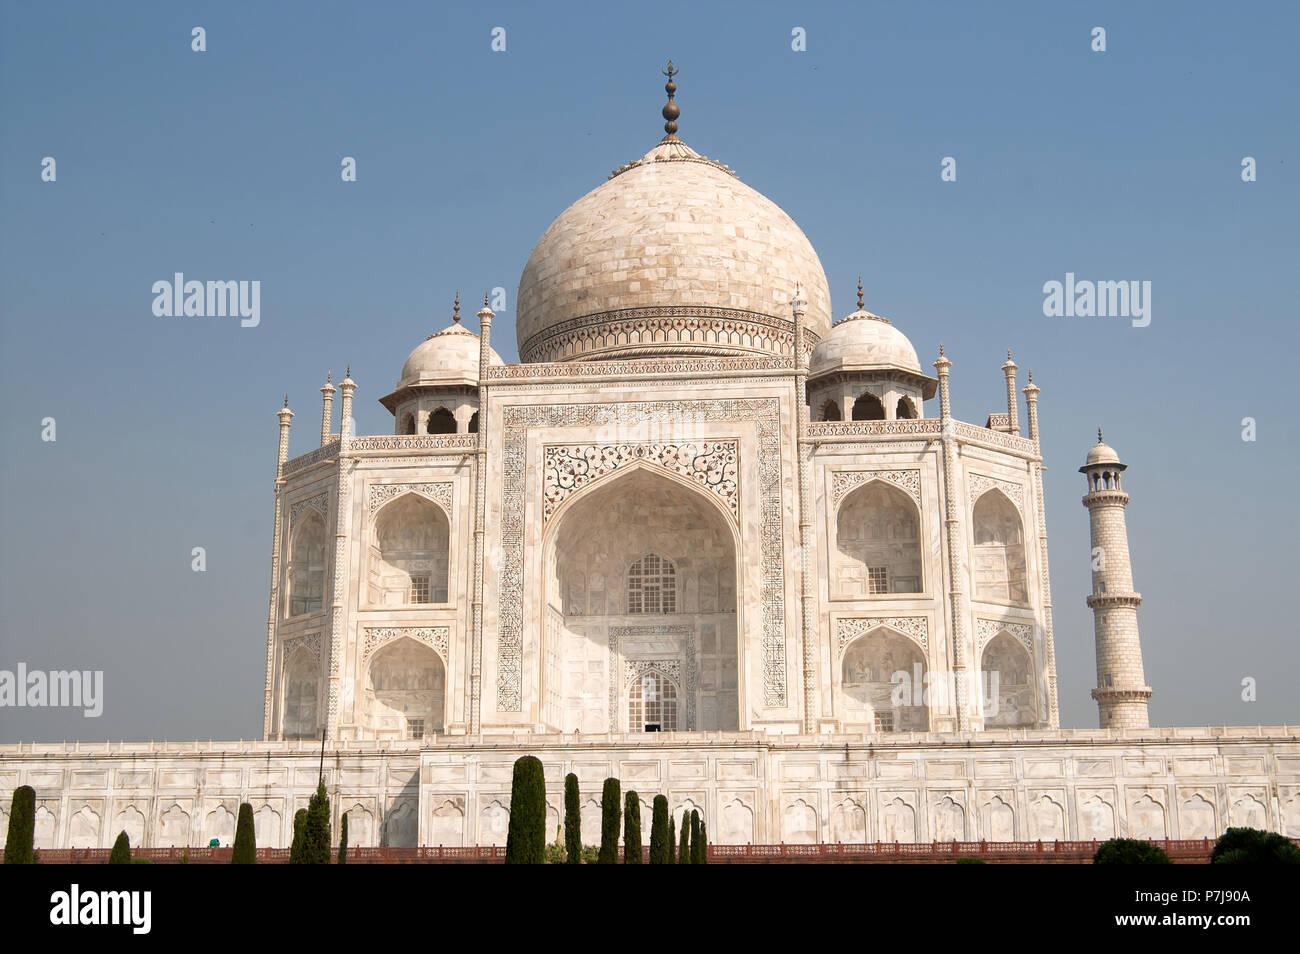 De mármol blanco, el Taj Mahal en Agra, India Imagen De Stock